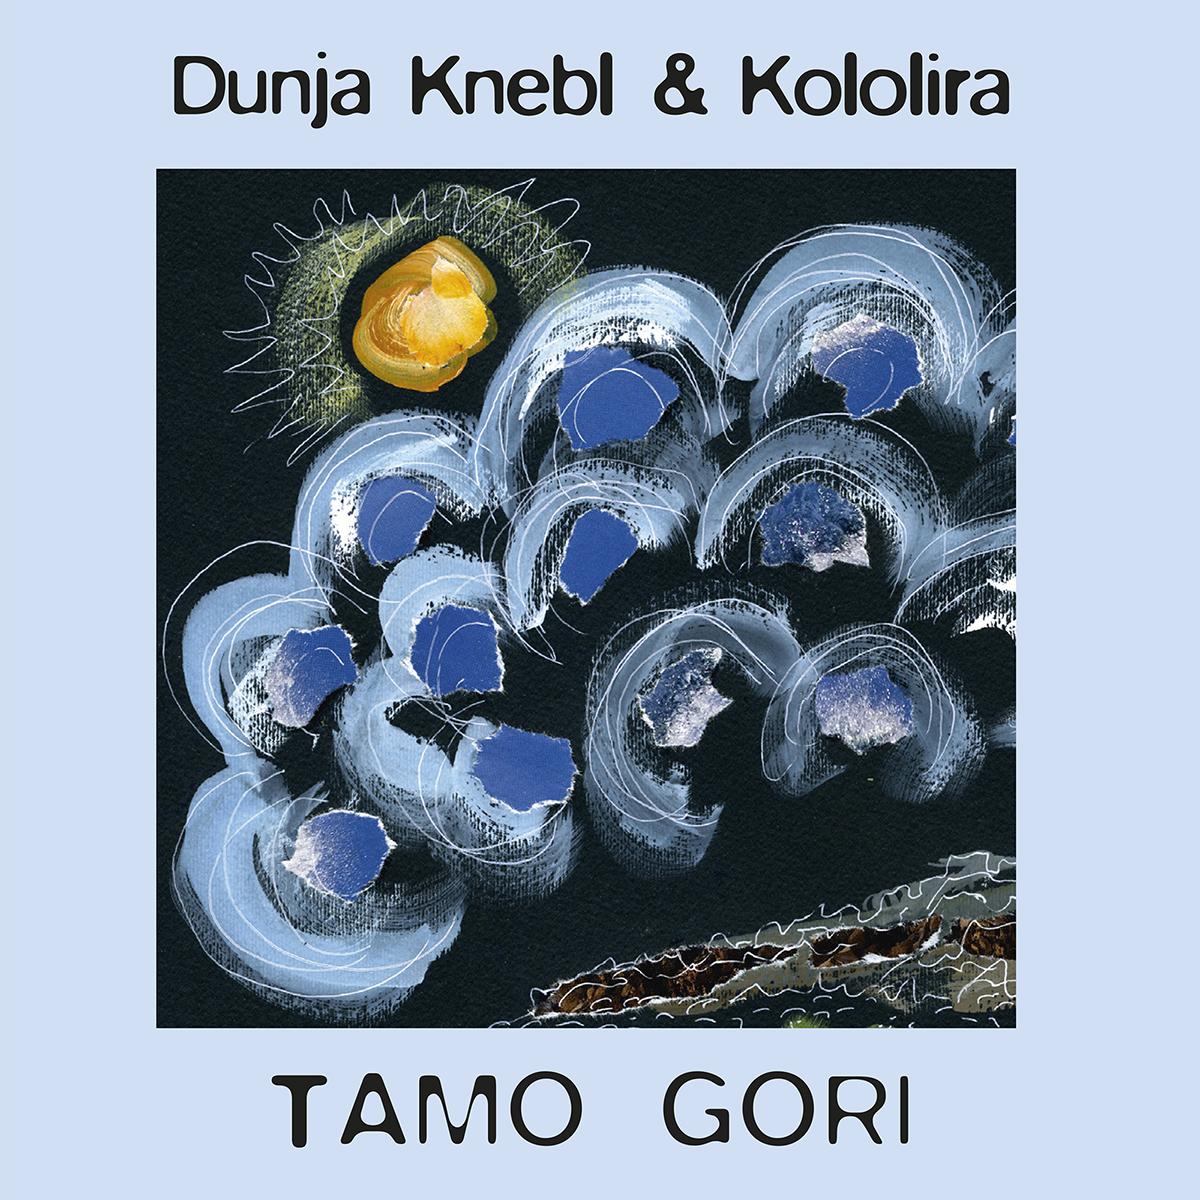 DUNJA KNEBL & KOLOLIRA - Tamo gori